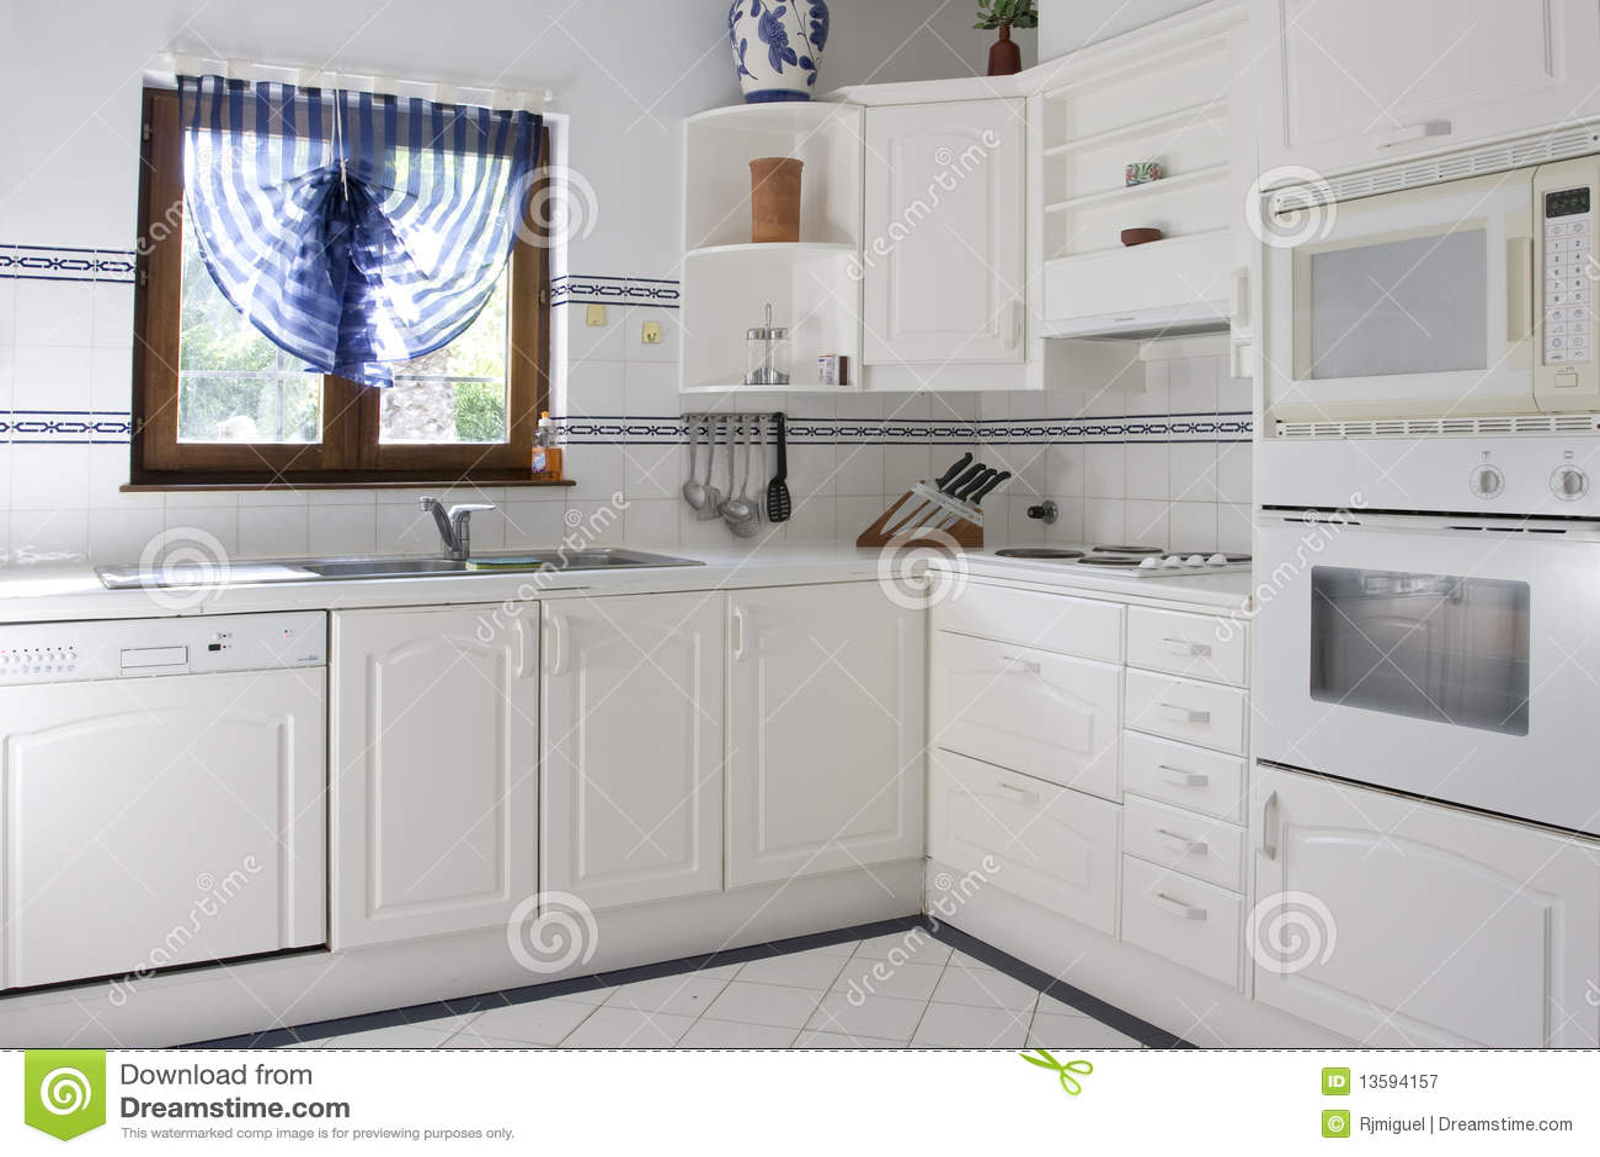 Cucina bianca fotografia stock libera da diritti for Cucina classica bianca